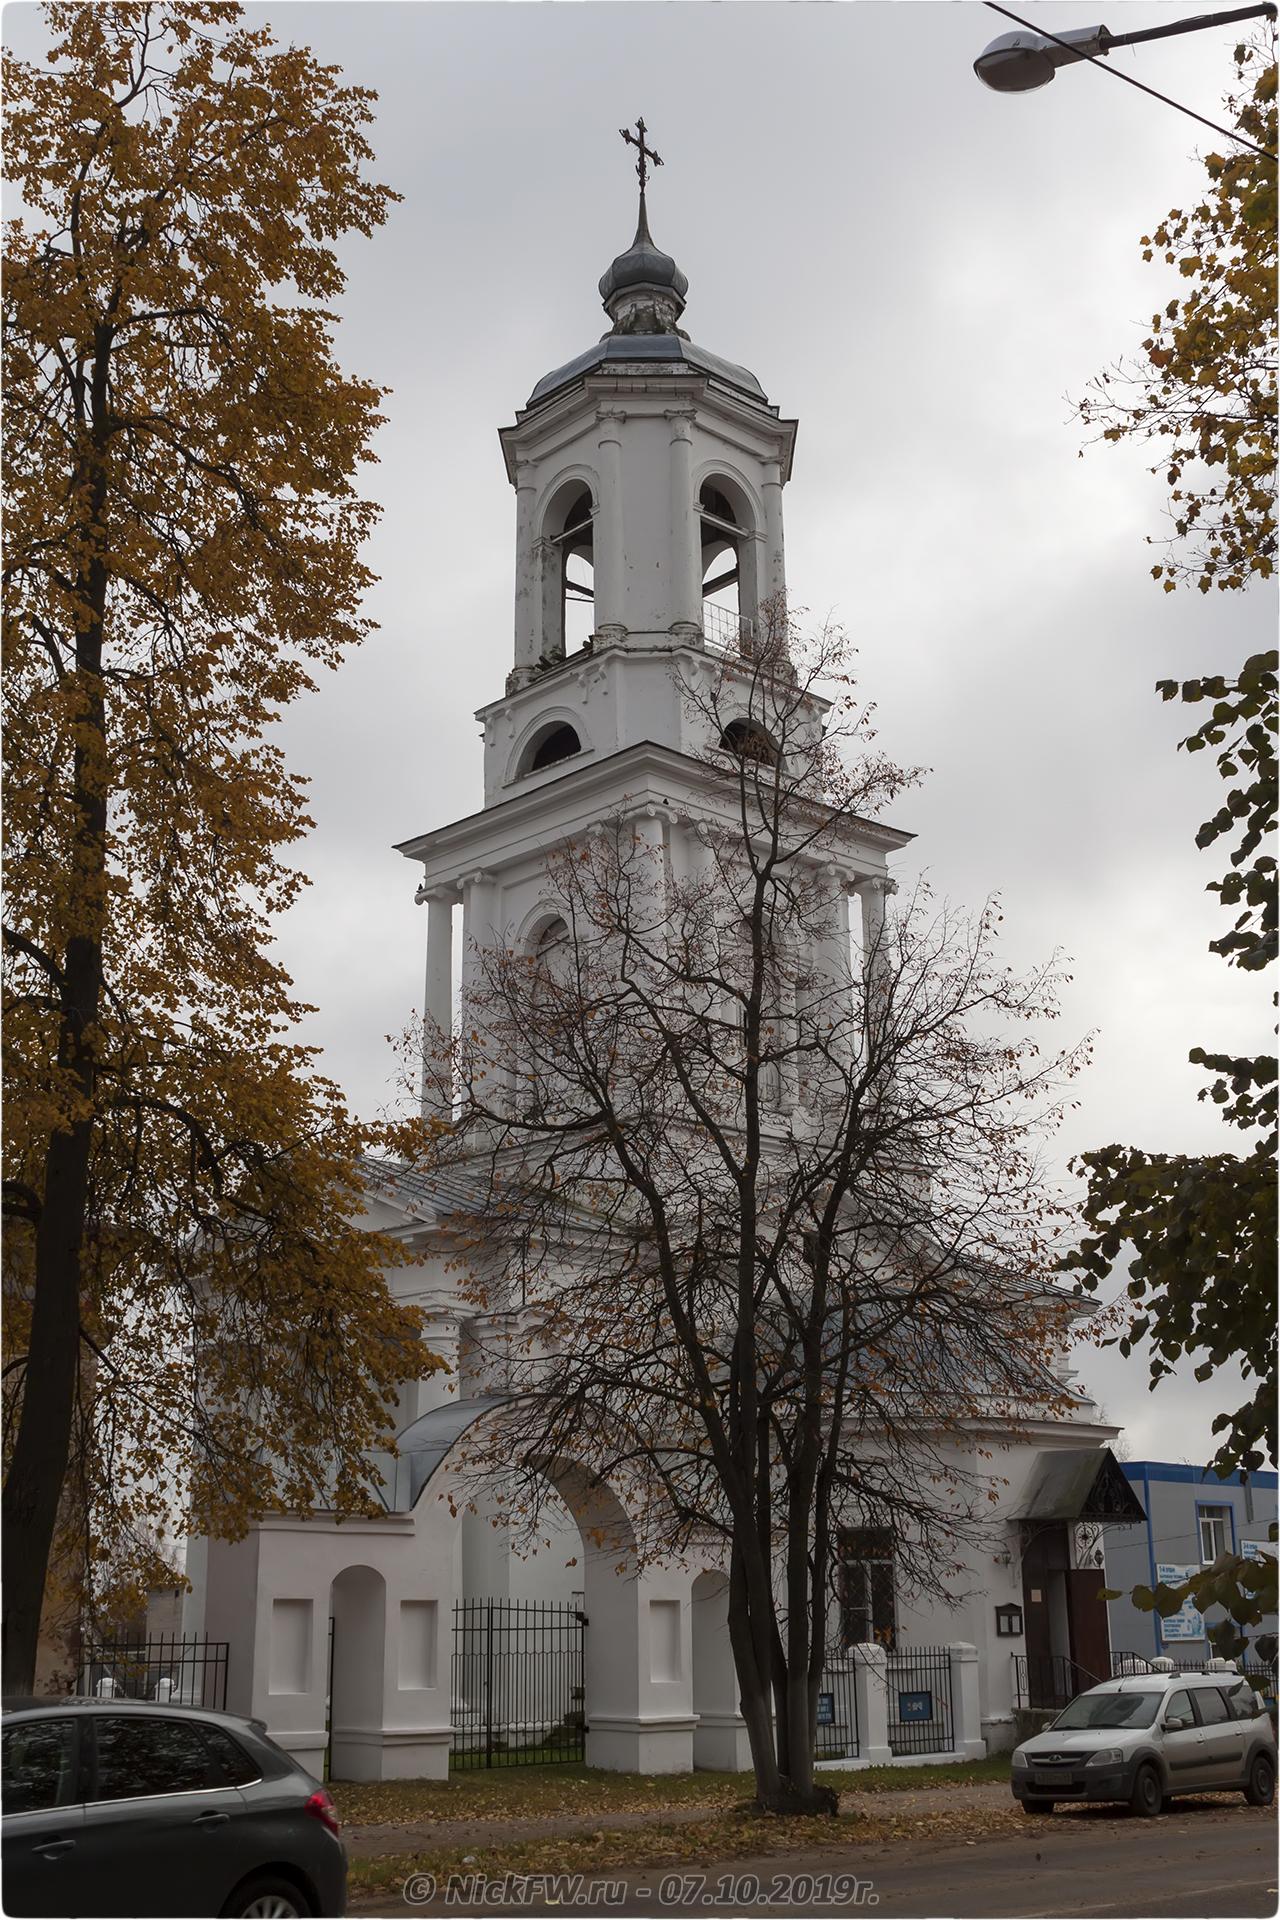 8. Колокольная церковь Александра Невского - © NickFW.ru - 07.10.2019г.